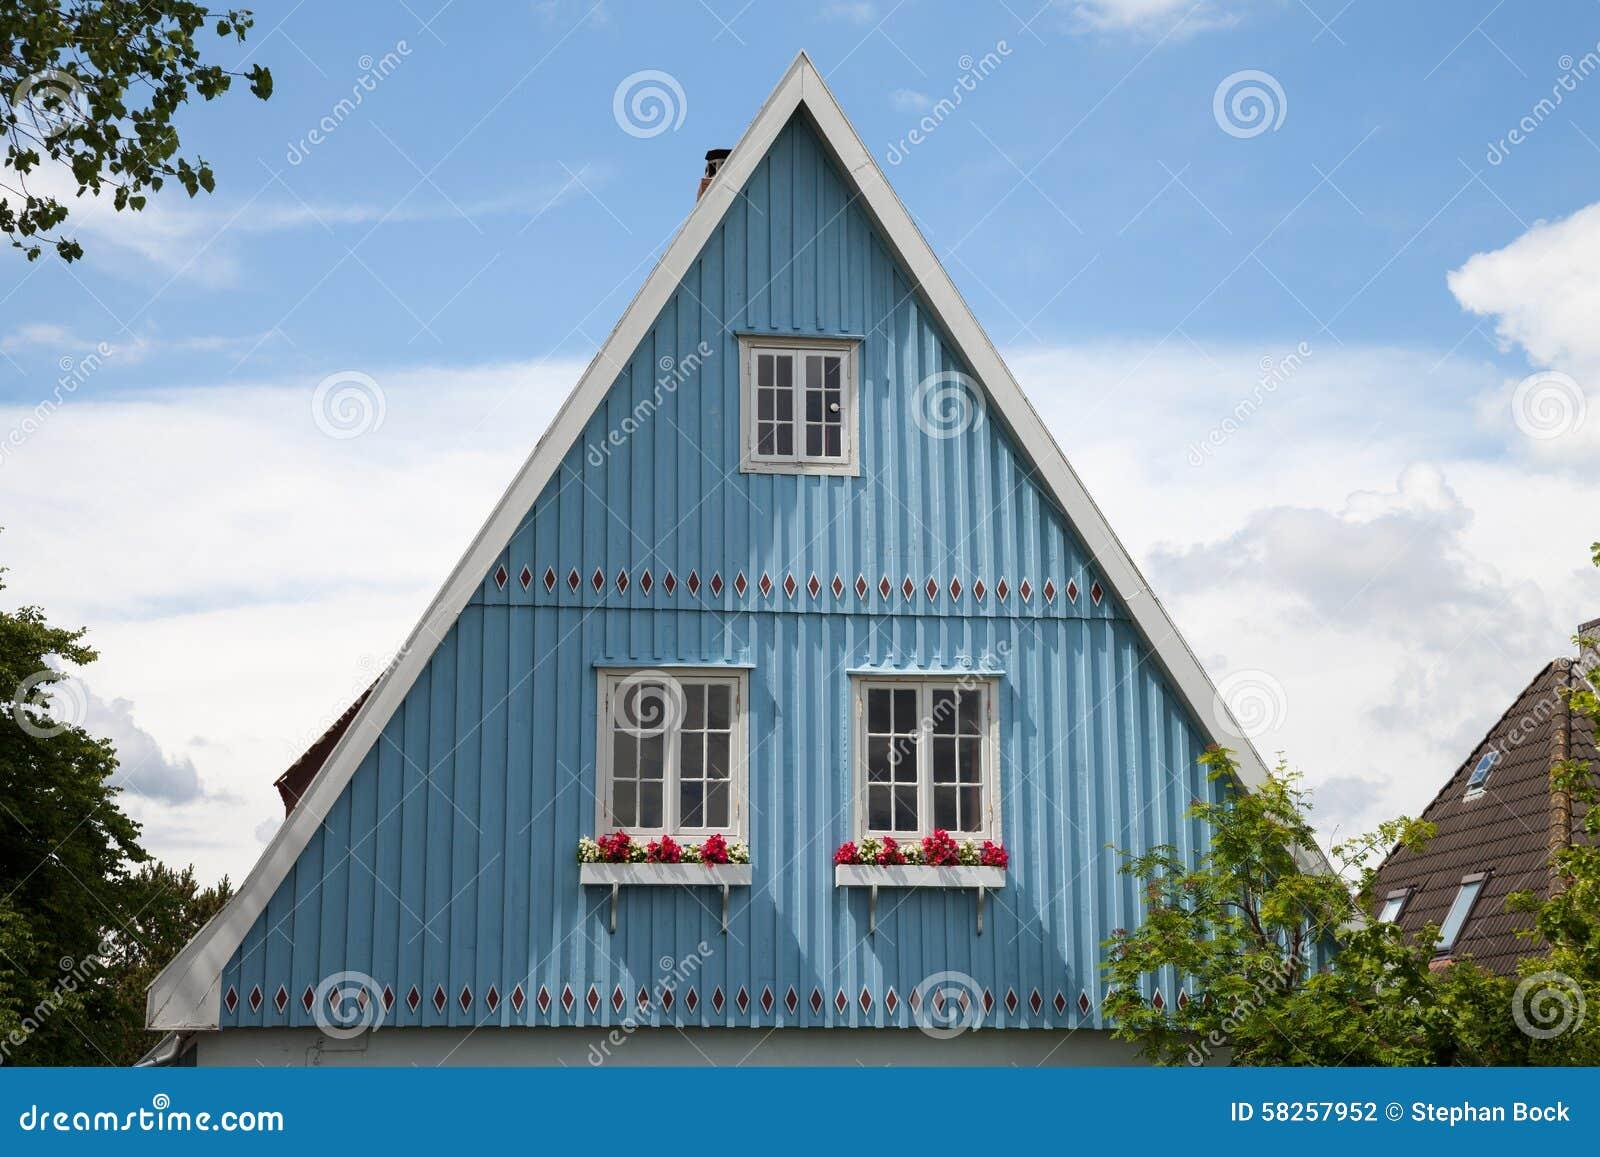 deutschland schleswig holstein haus blaue fassade. Black Bedroom Furniture Sets. Home Design Ideas